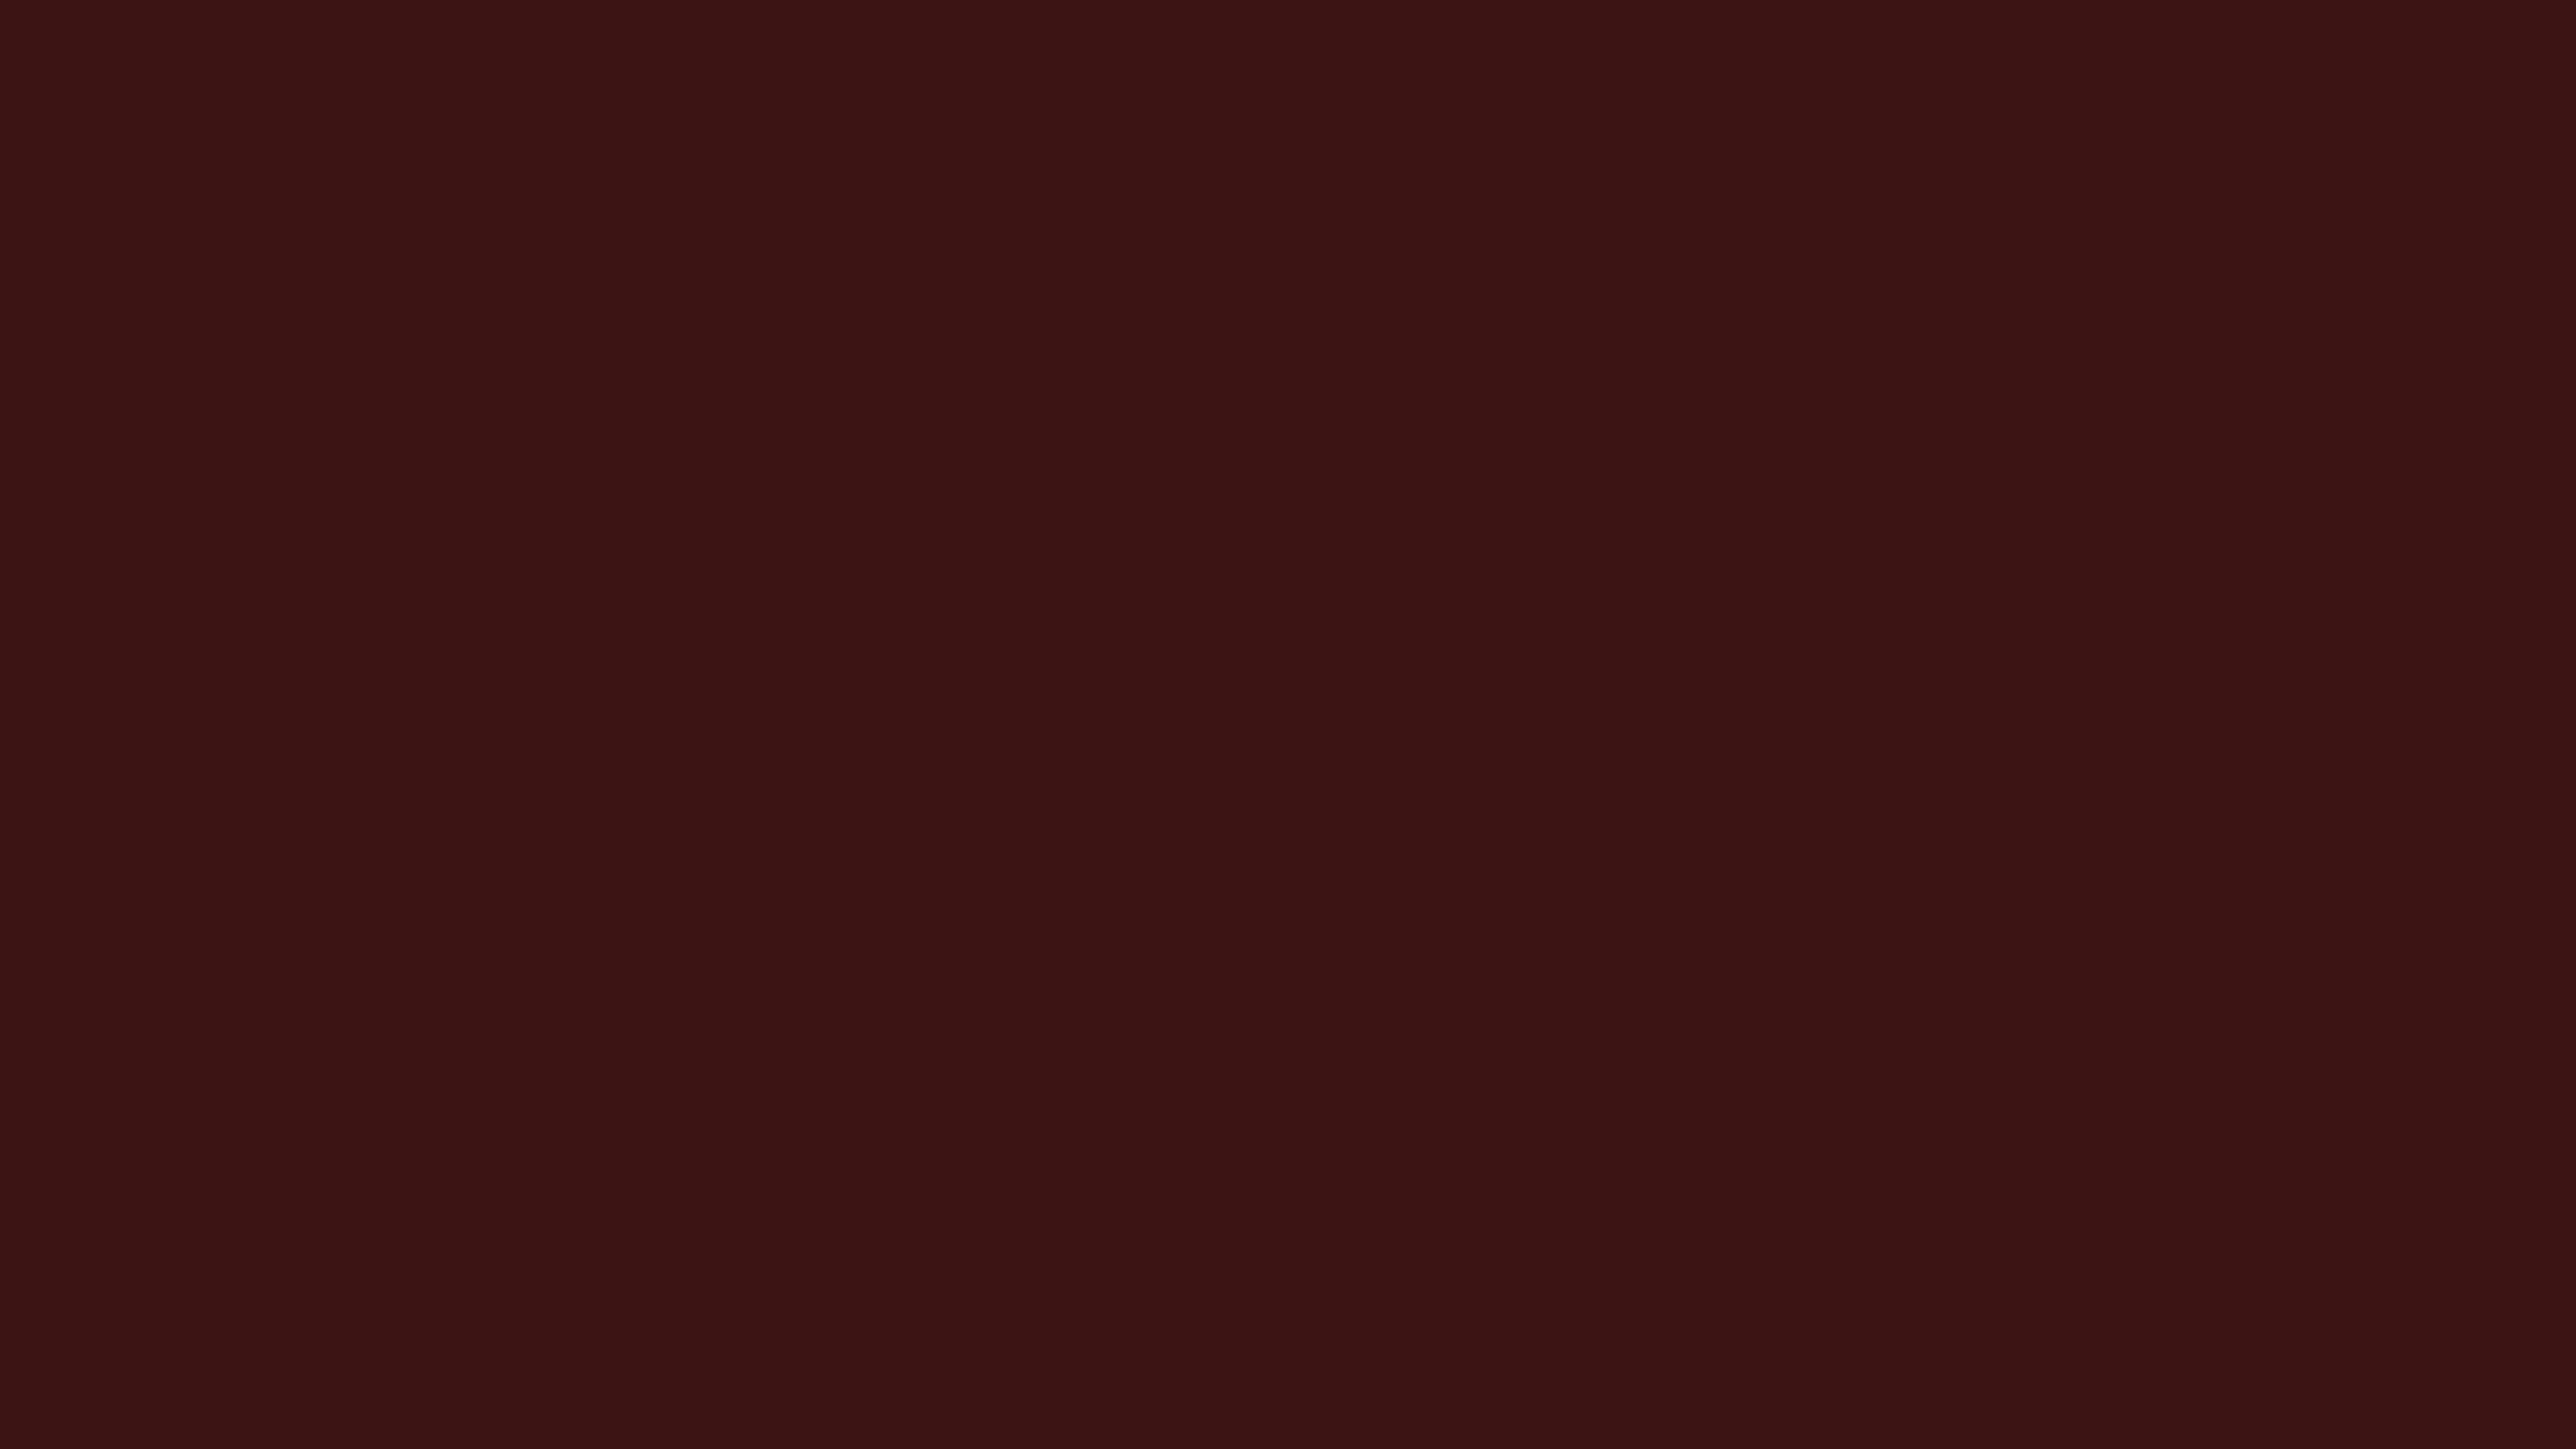 4096x2304 Dark Sienna Solid Color Background